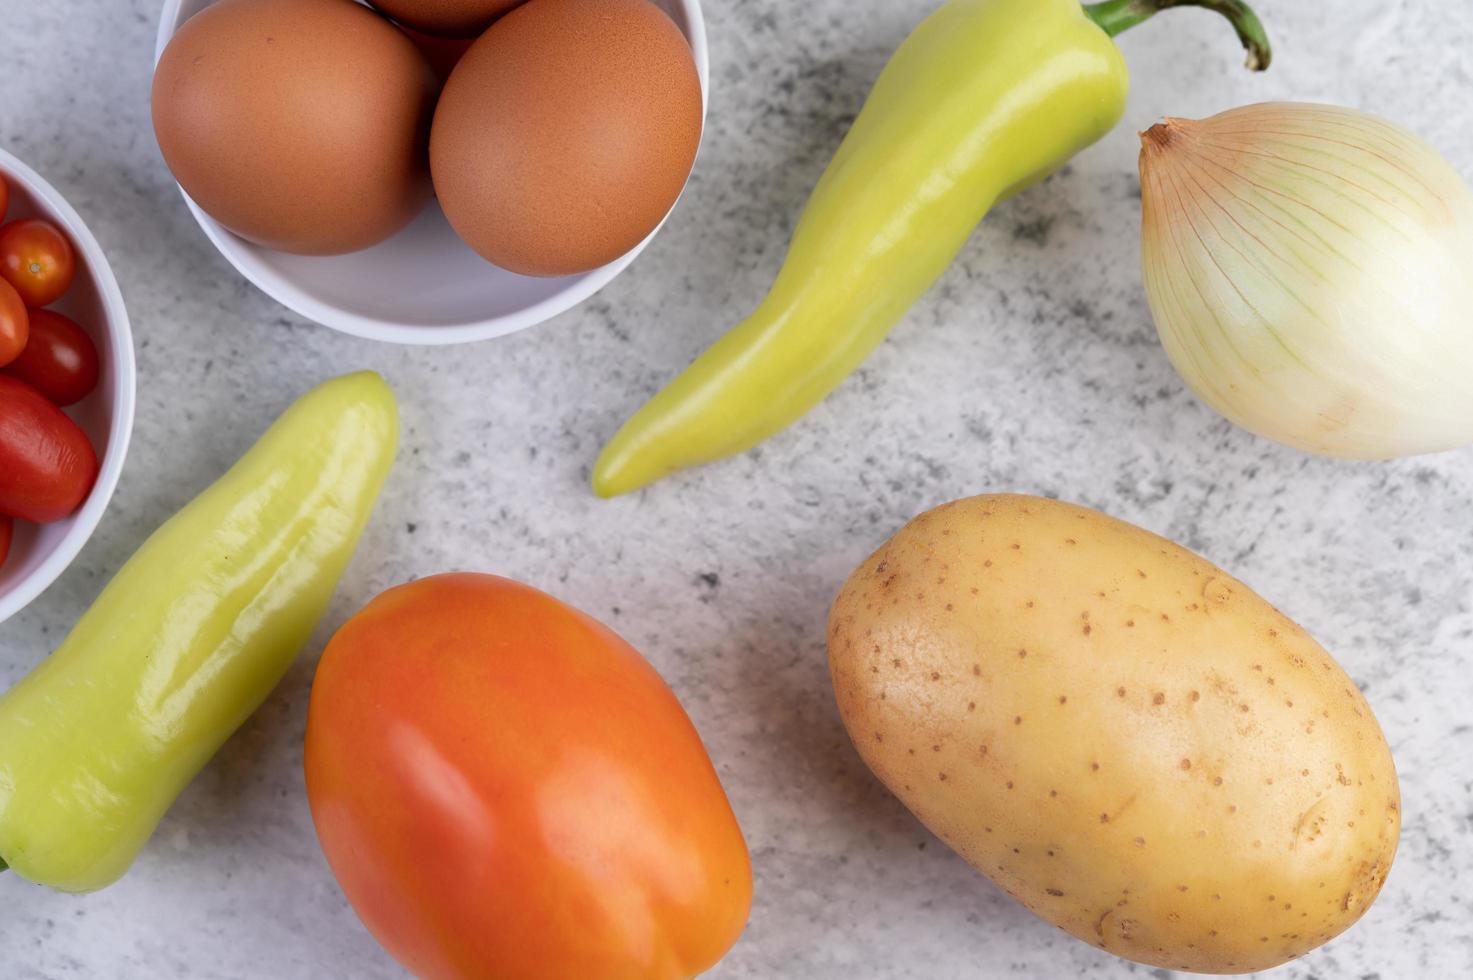 pommes de terre, tomates, poivrons, oignons et œufs photo